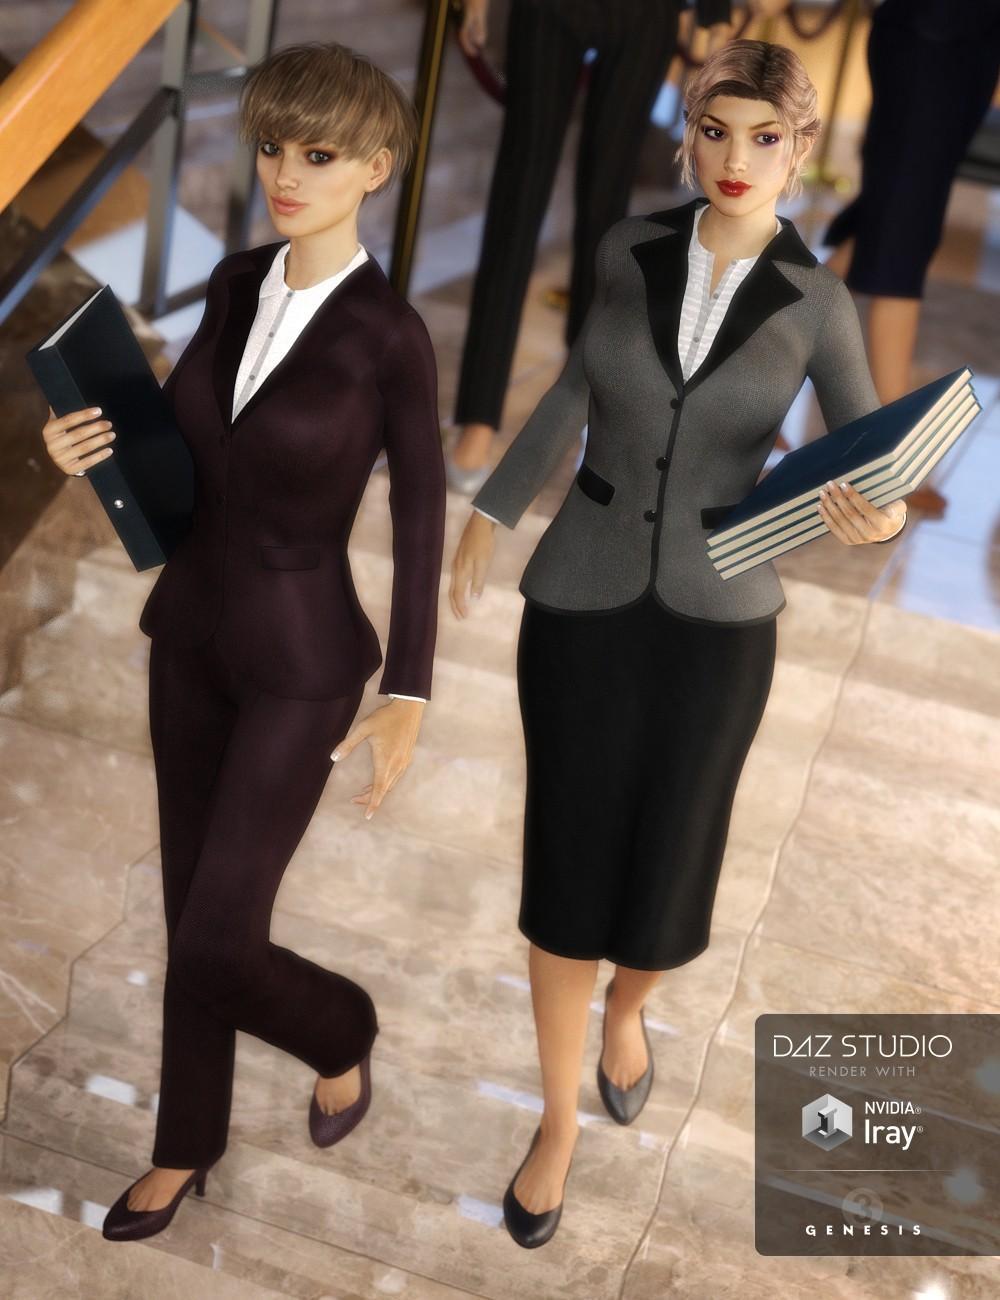 Business Suit Textures